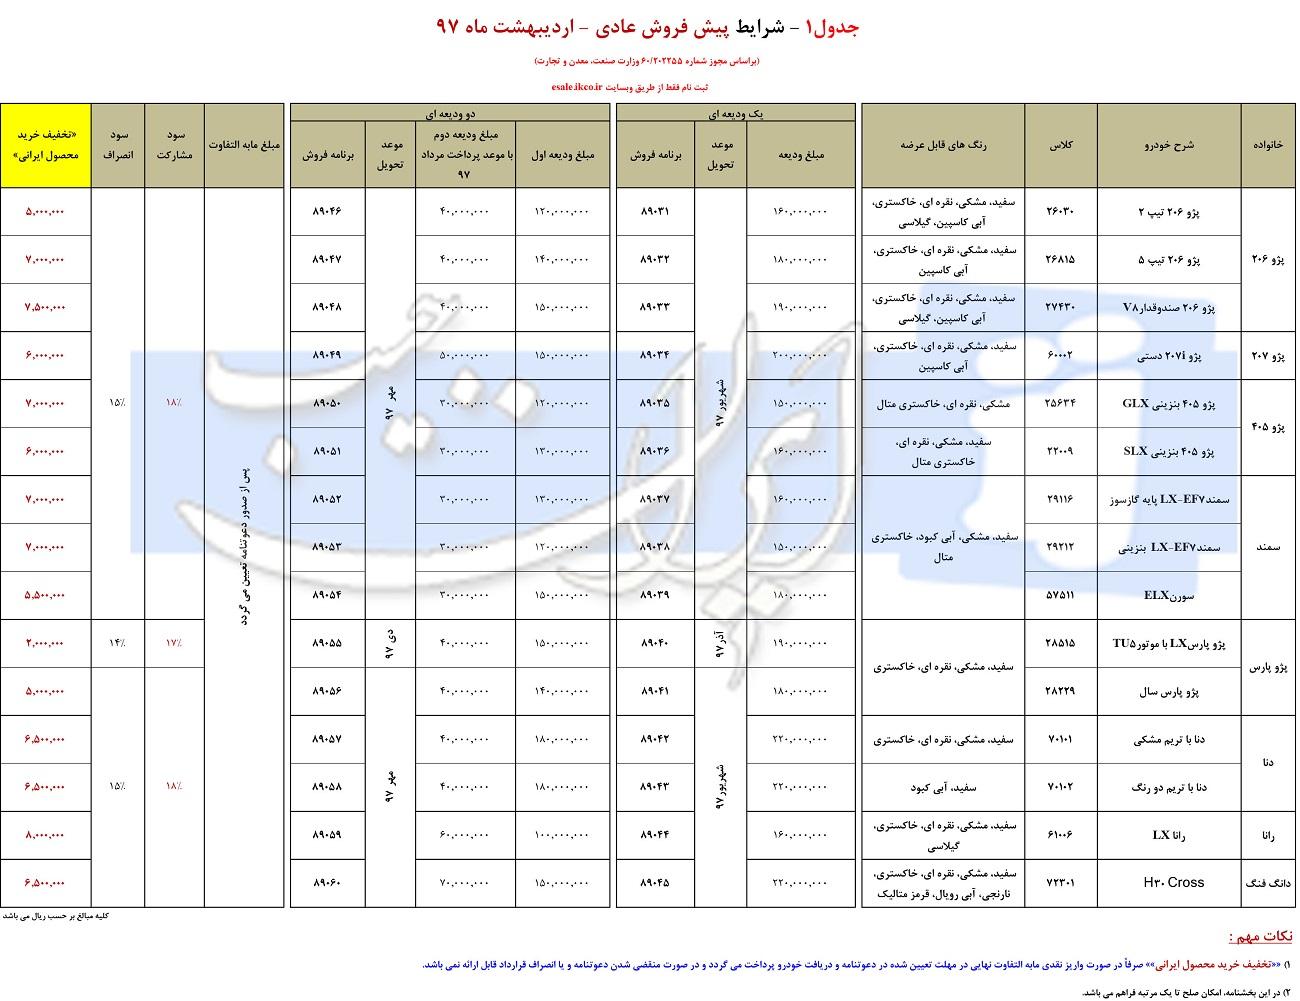 شرایط جدید پیش فروش محصولات ایران خودرو/ اردیبهشت 97